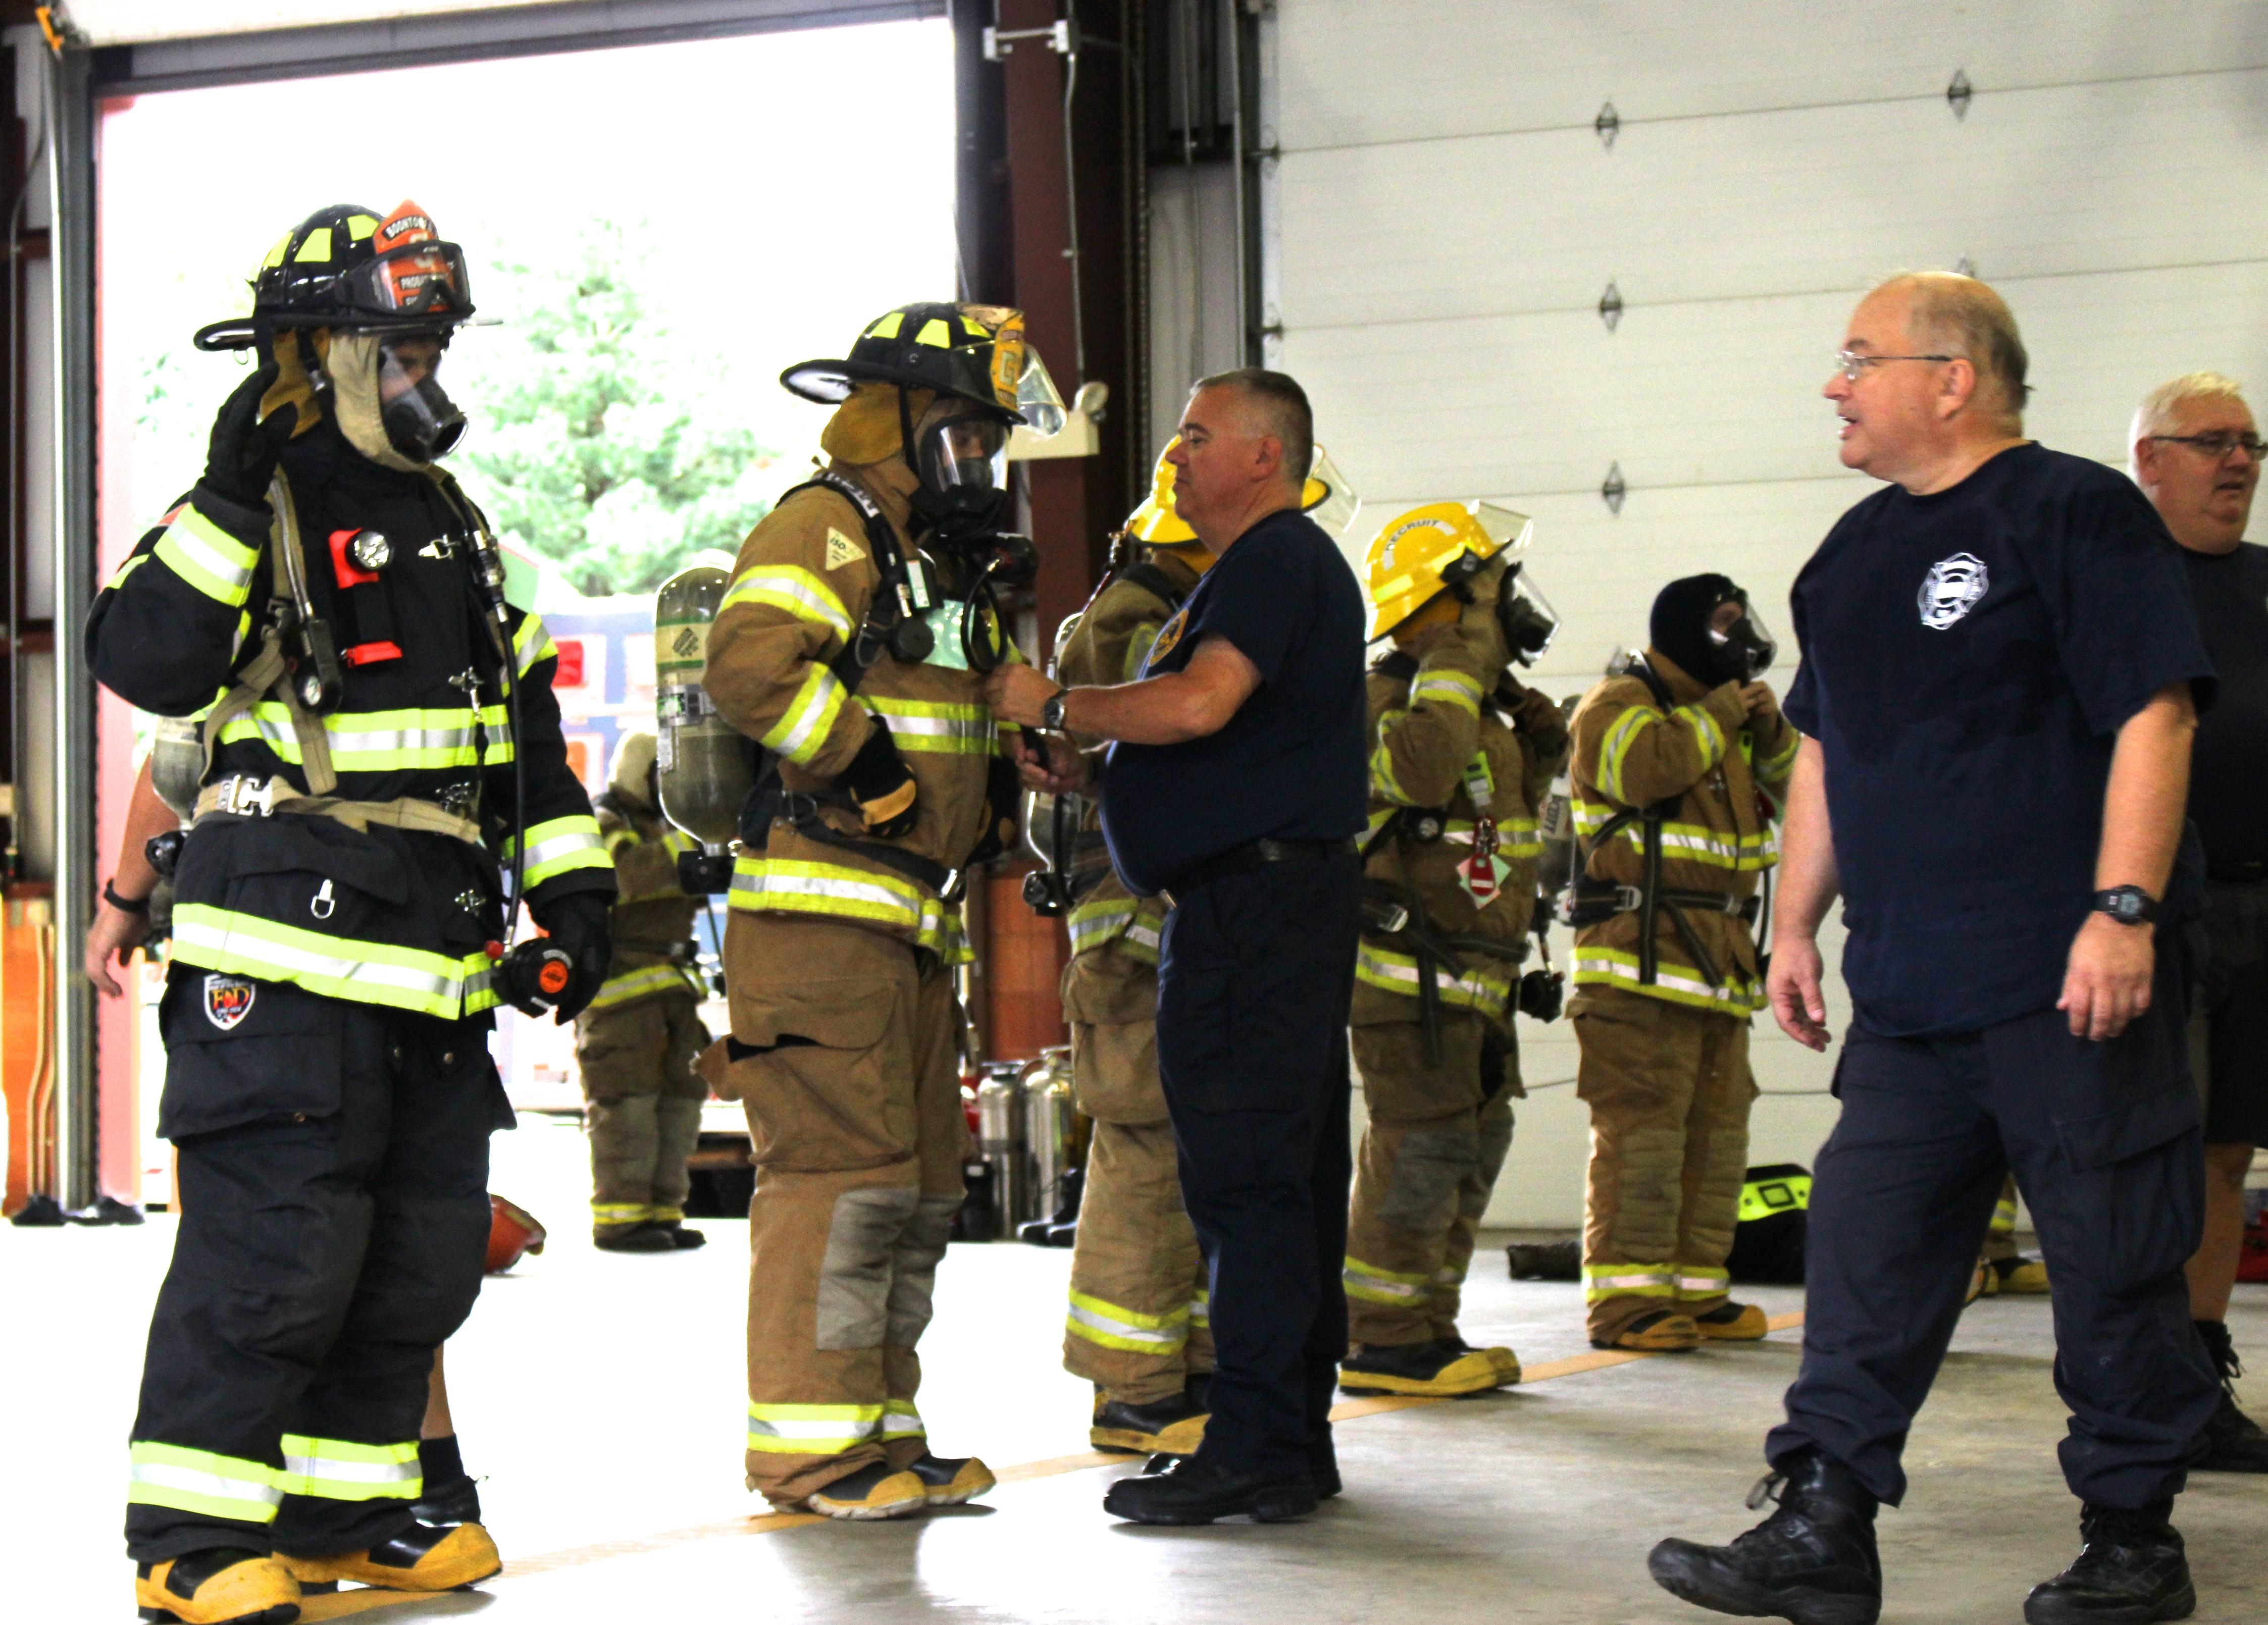 8dba54b13ae5ee7209d3_0d1a5cf43e7402eb8b01_Recruits_Training_at_Academy_by_Ashley.jpg